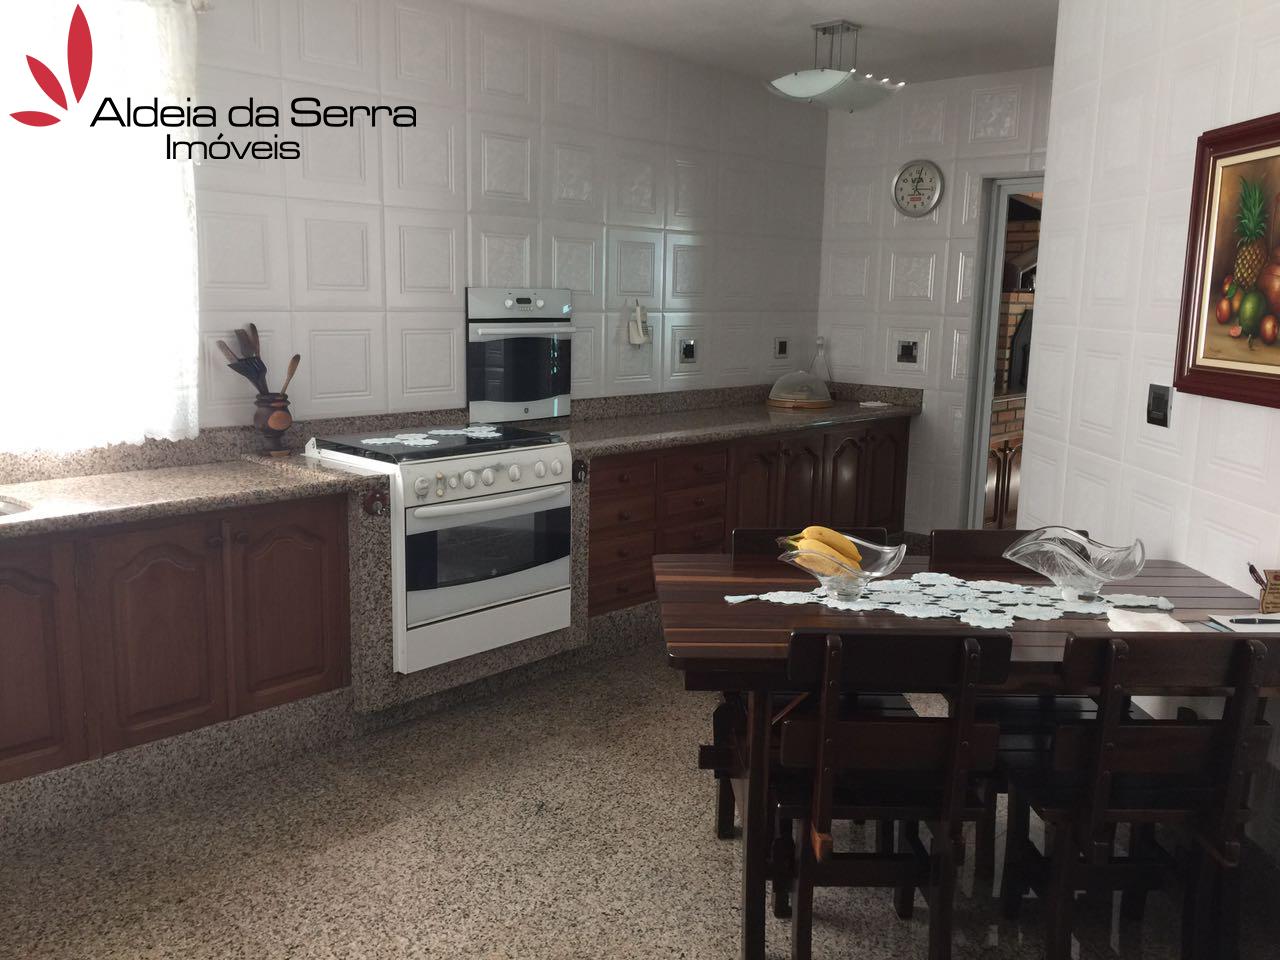 /admin/imoveis/fotos/IMG-20170511-WA0015.jpg Aldeia da Serra Imoveis